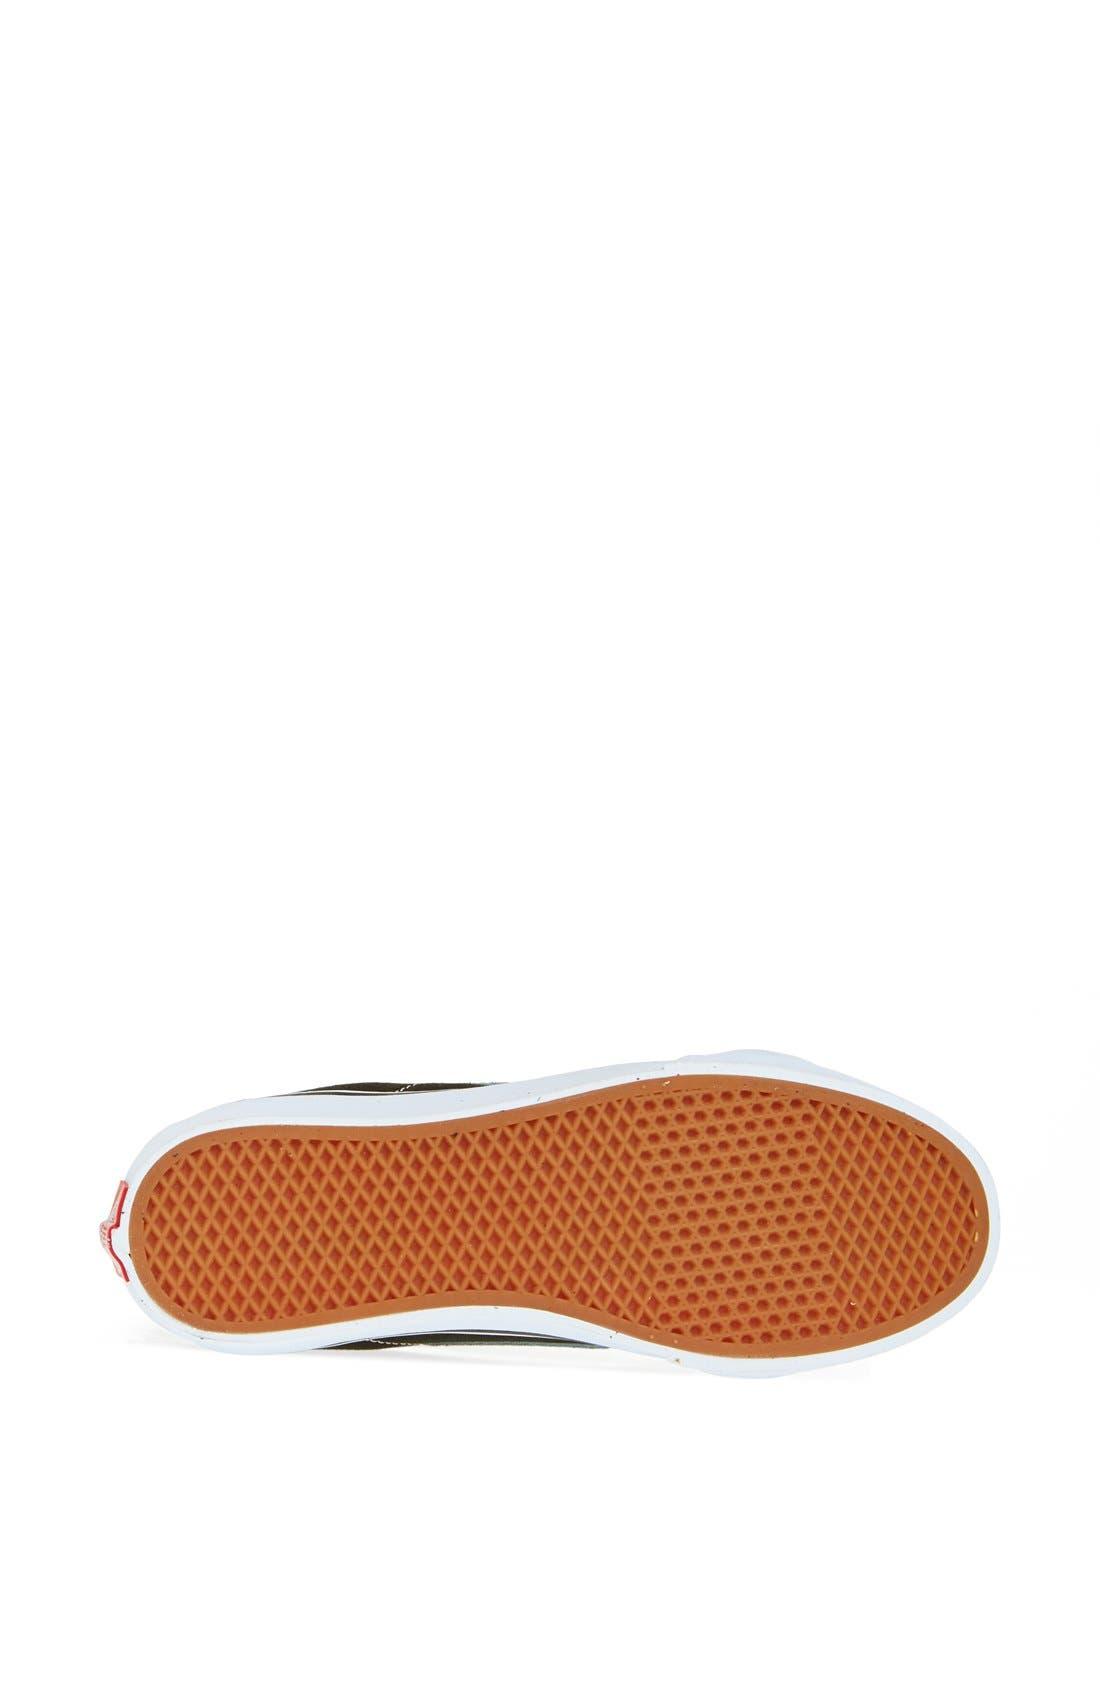 Sk8-Hi Slim High Top Sneaker,                             Alternate thumbnail 5, color,                             001